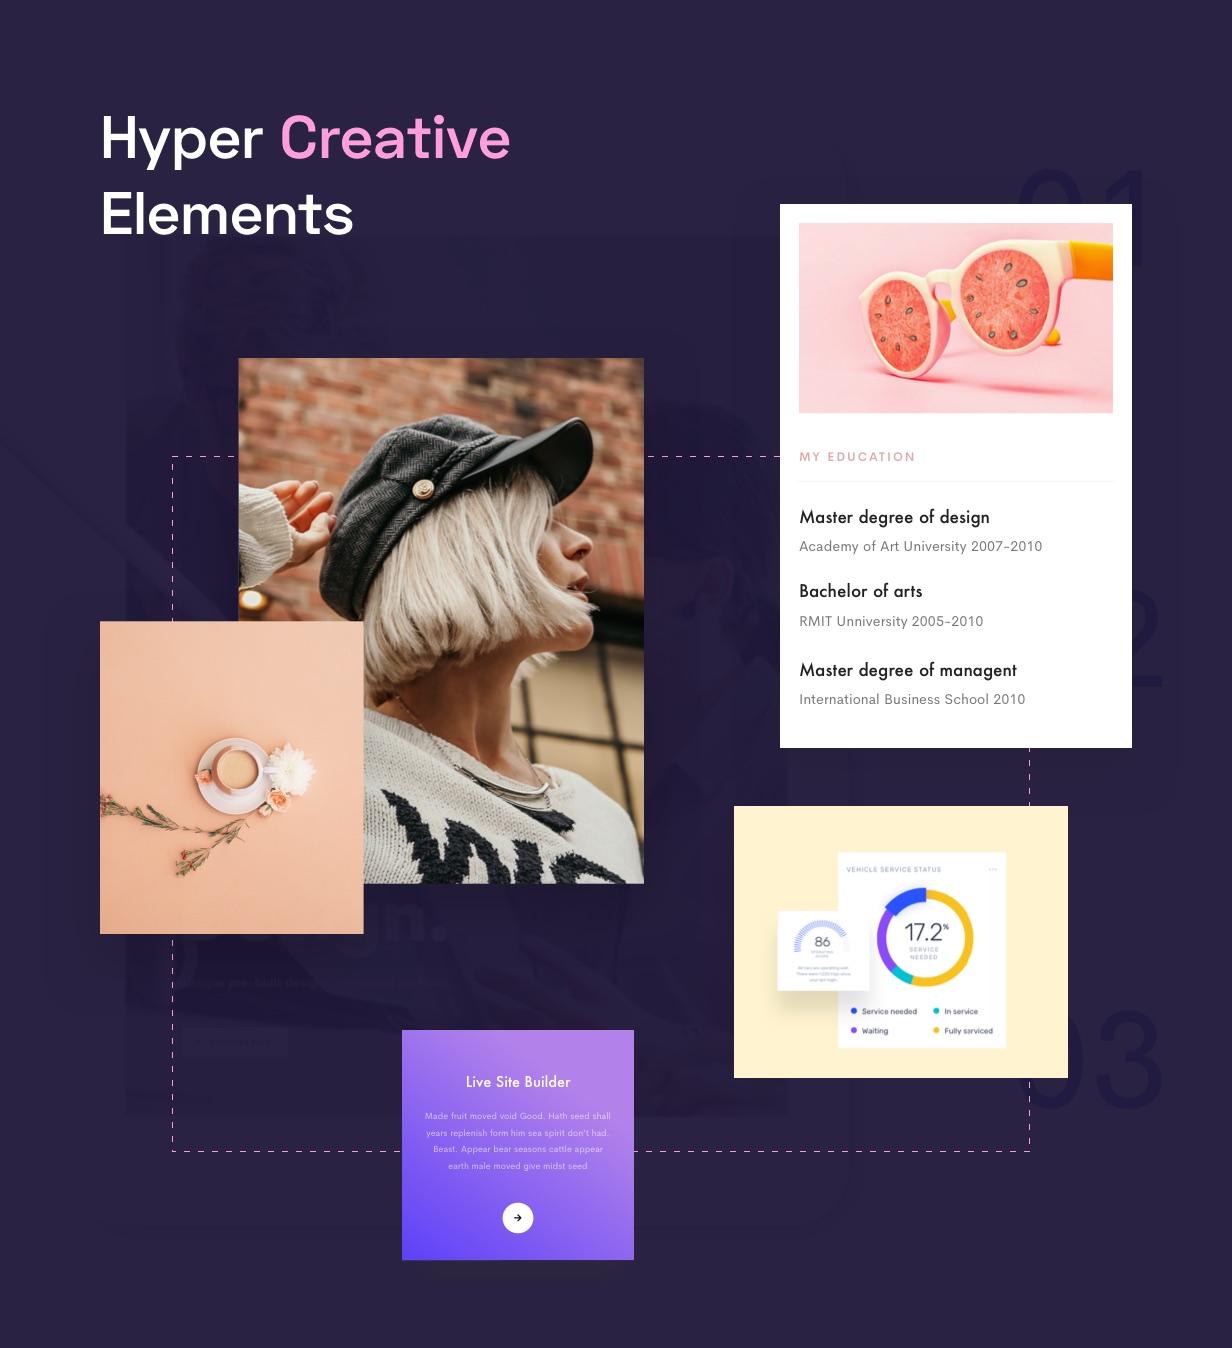 creatove elements